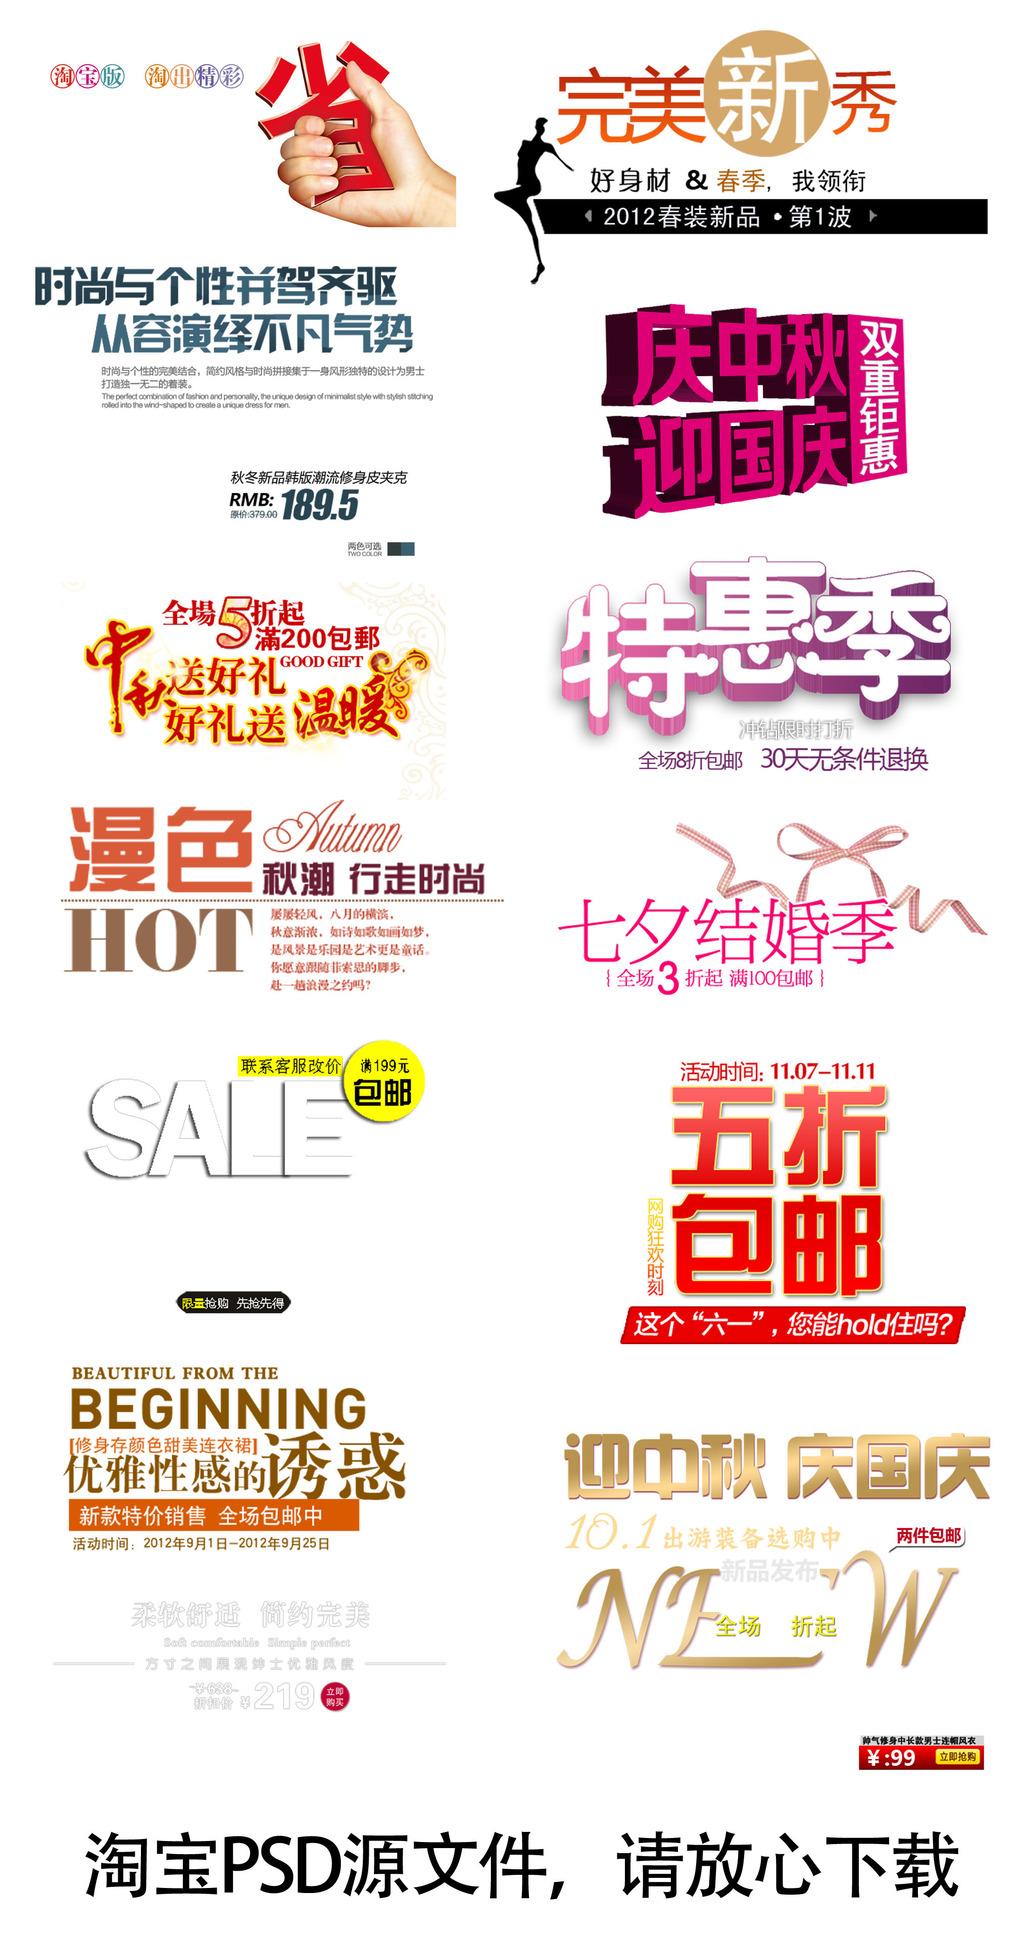 多款精品淘宝节日文字排版设计大全